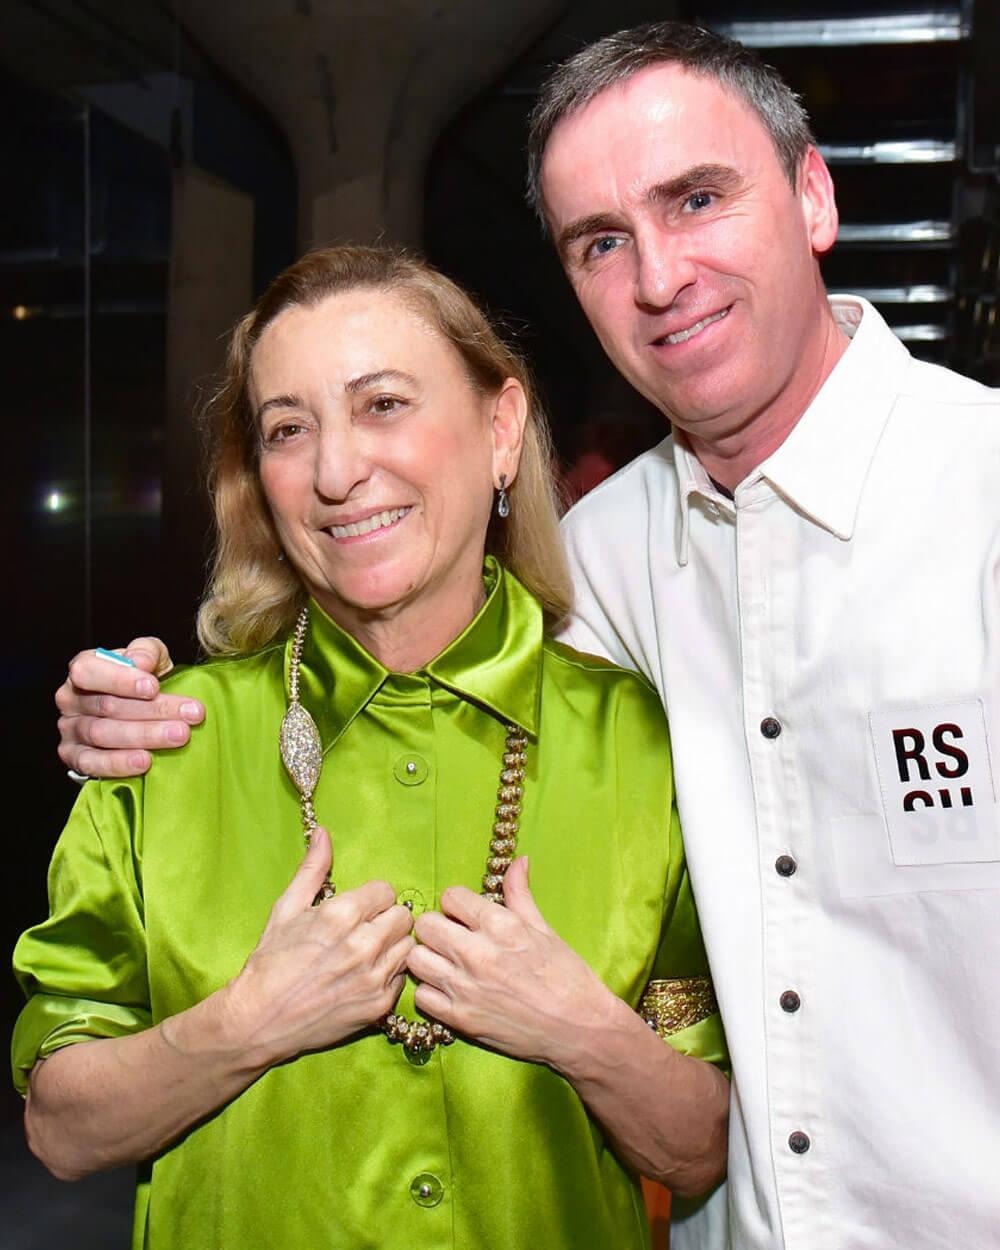 Raf Simons with Prada